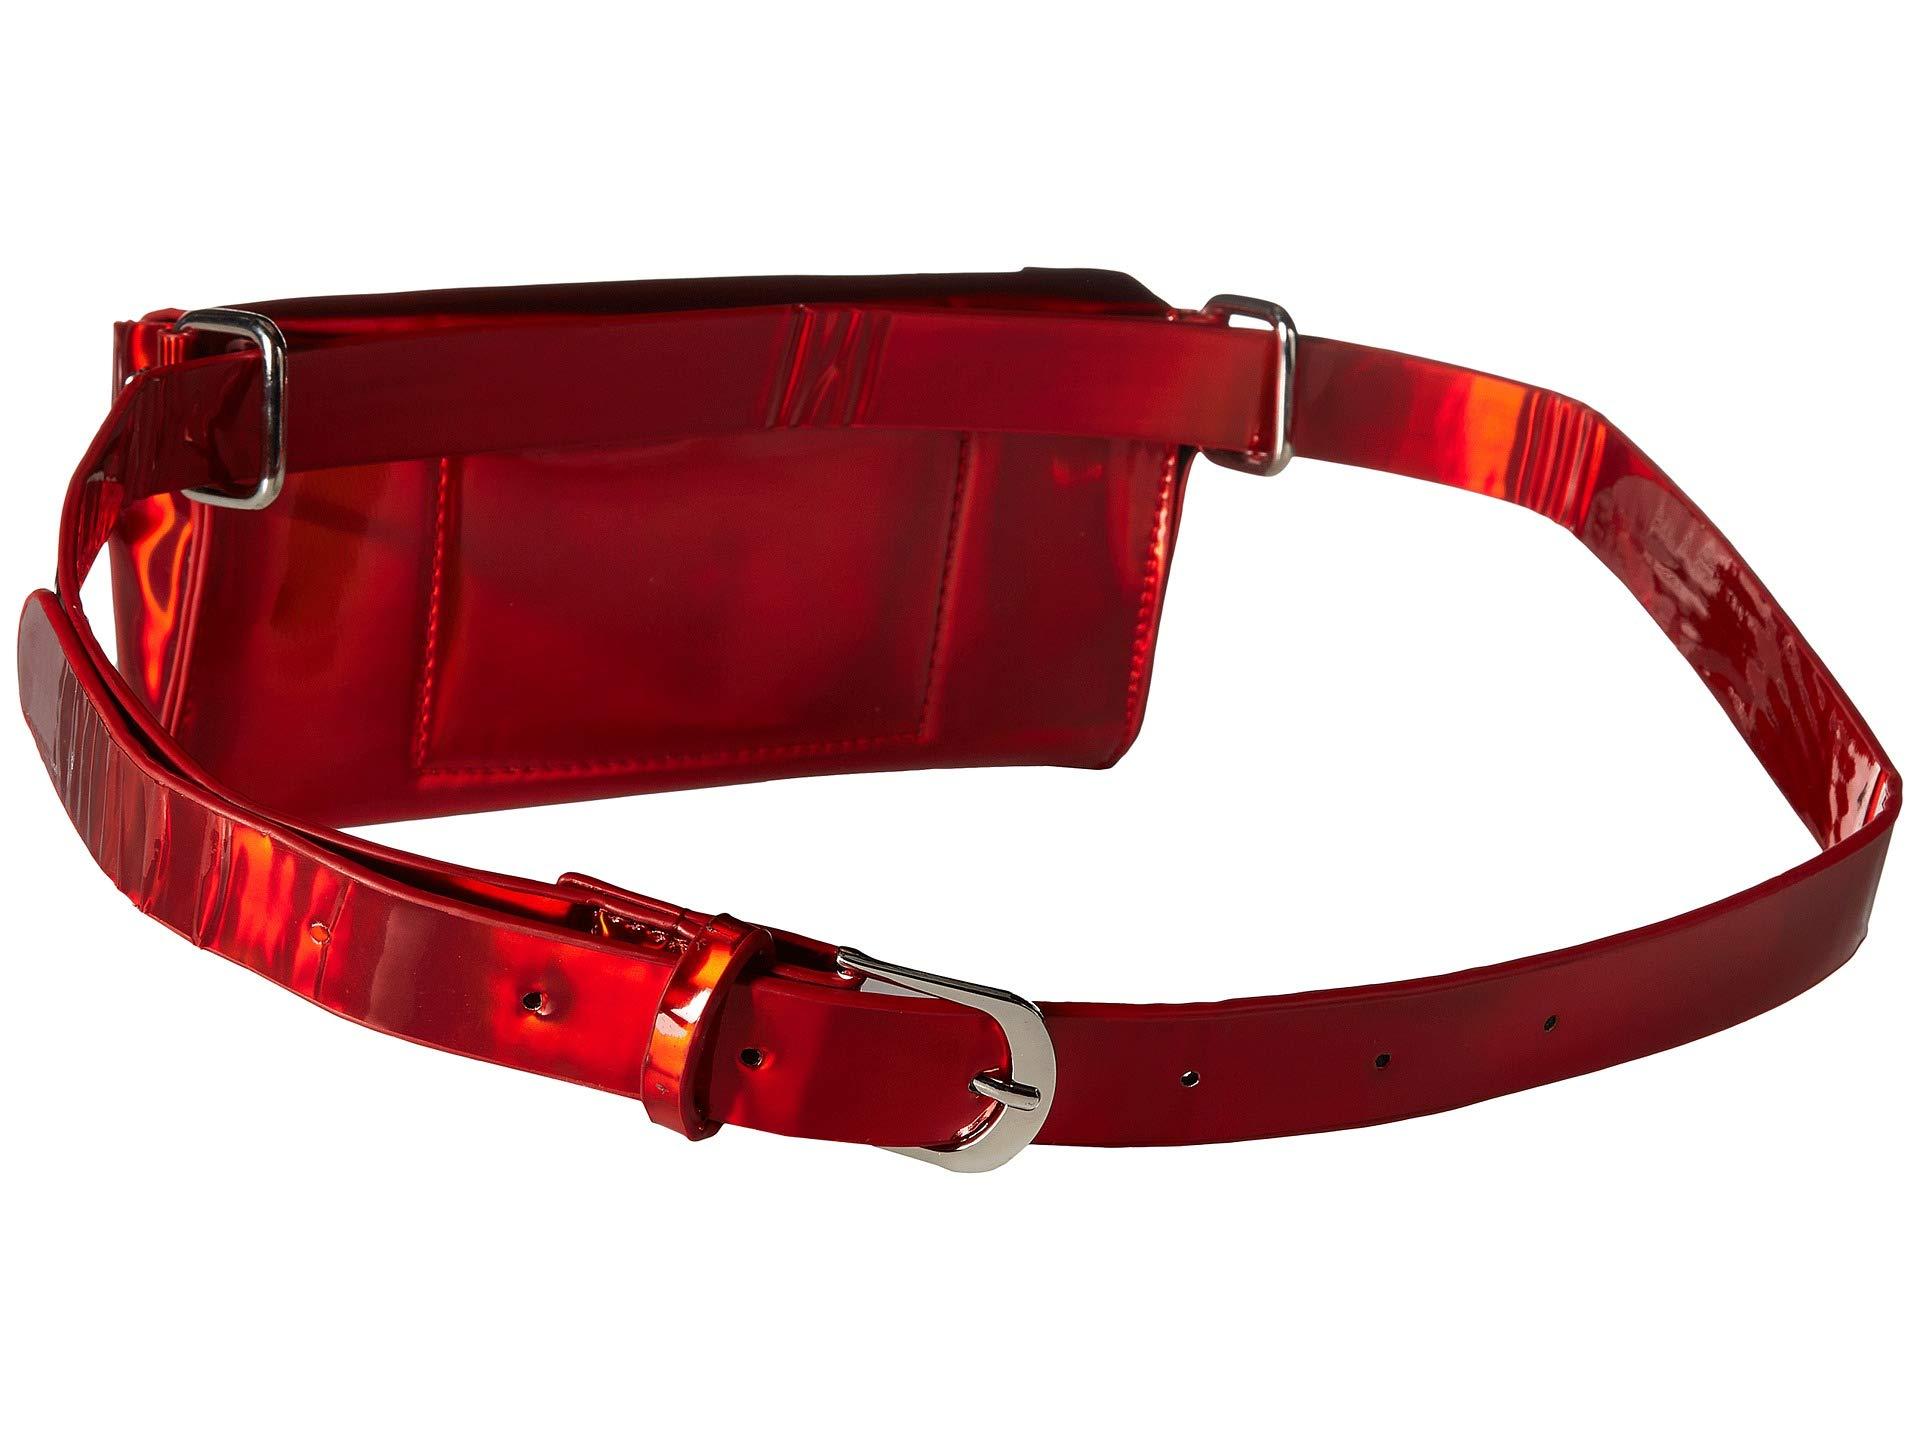 Iridescent Amiana Red Amiana Red Iridescent 3 h0133 Amiana 3 h0133 3 rtwtgTq